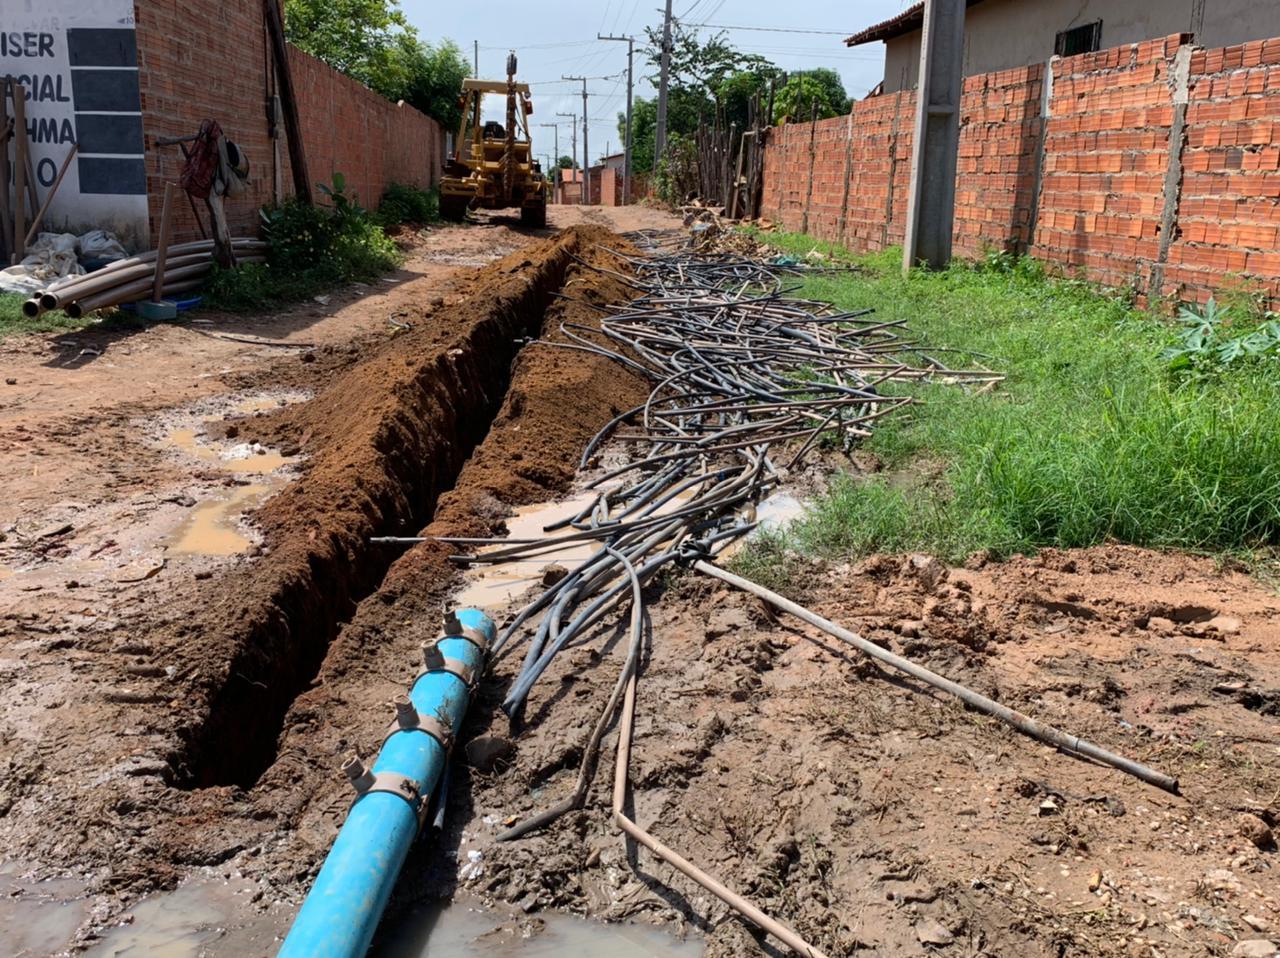 Águas de Timon realizou a retirada de mais de dois quilômetros de ligações clandestinas no bairro Júlia Almeida